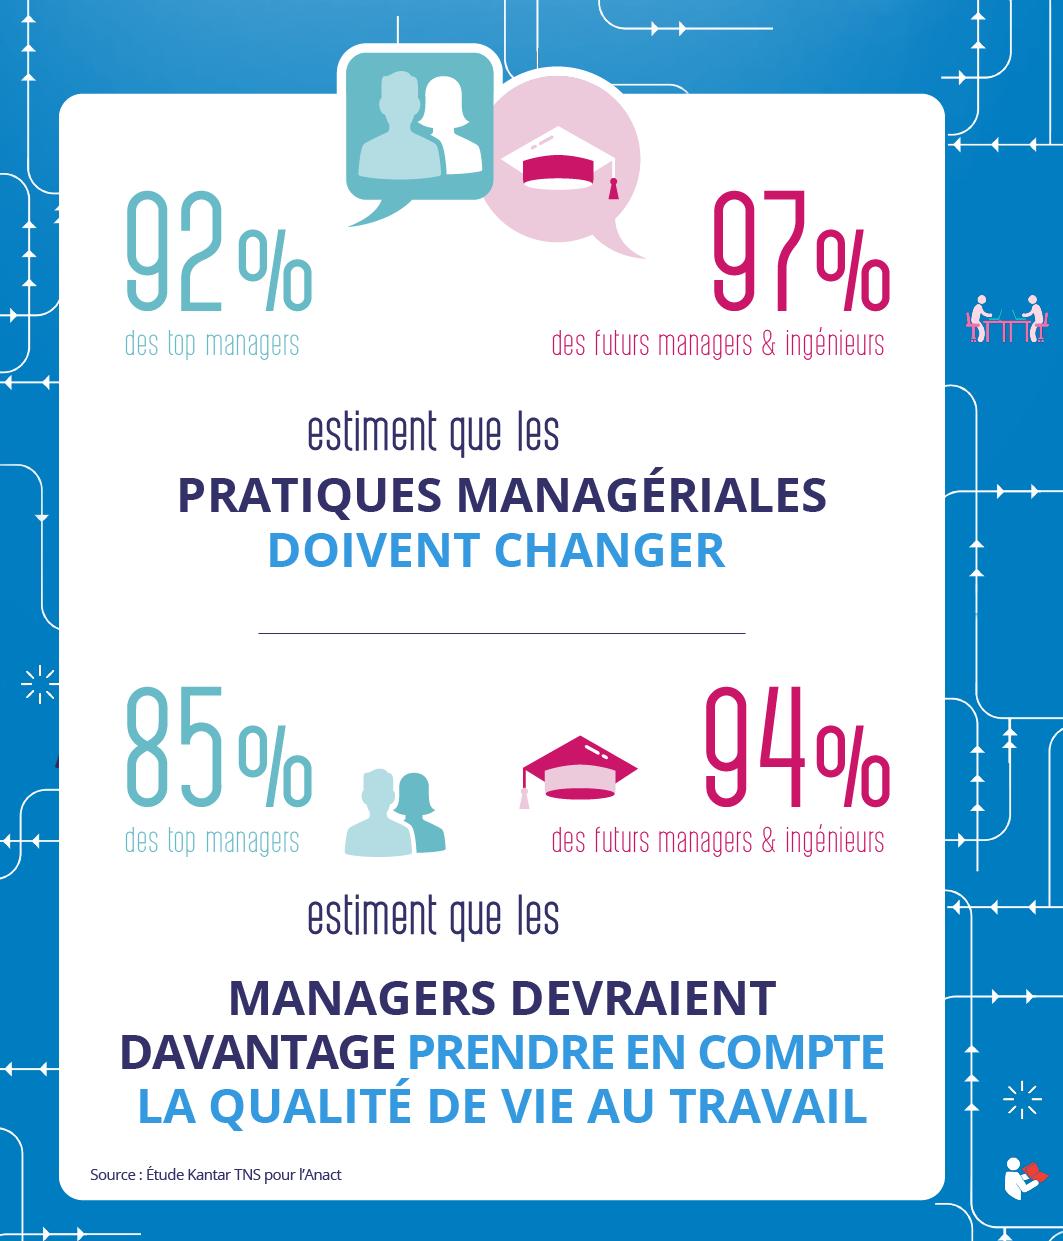 anact_2017_ppratiques-managériales1